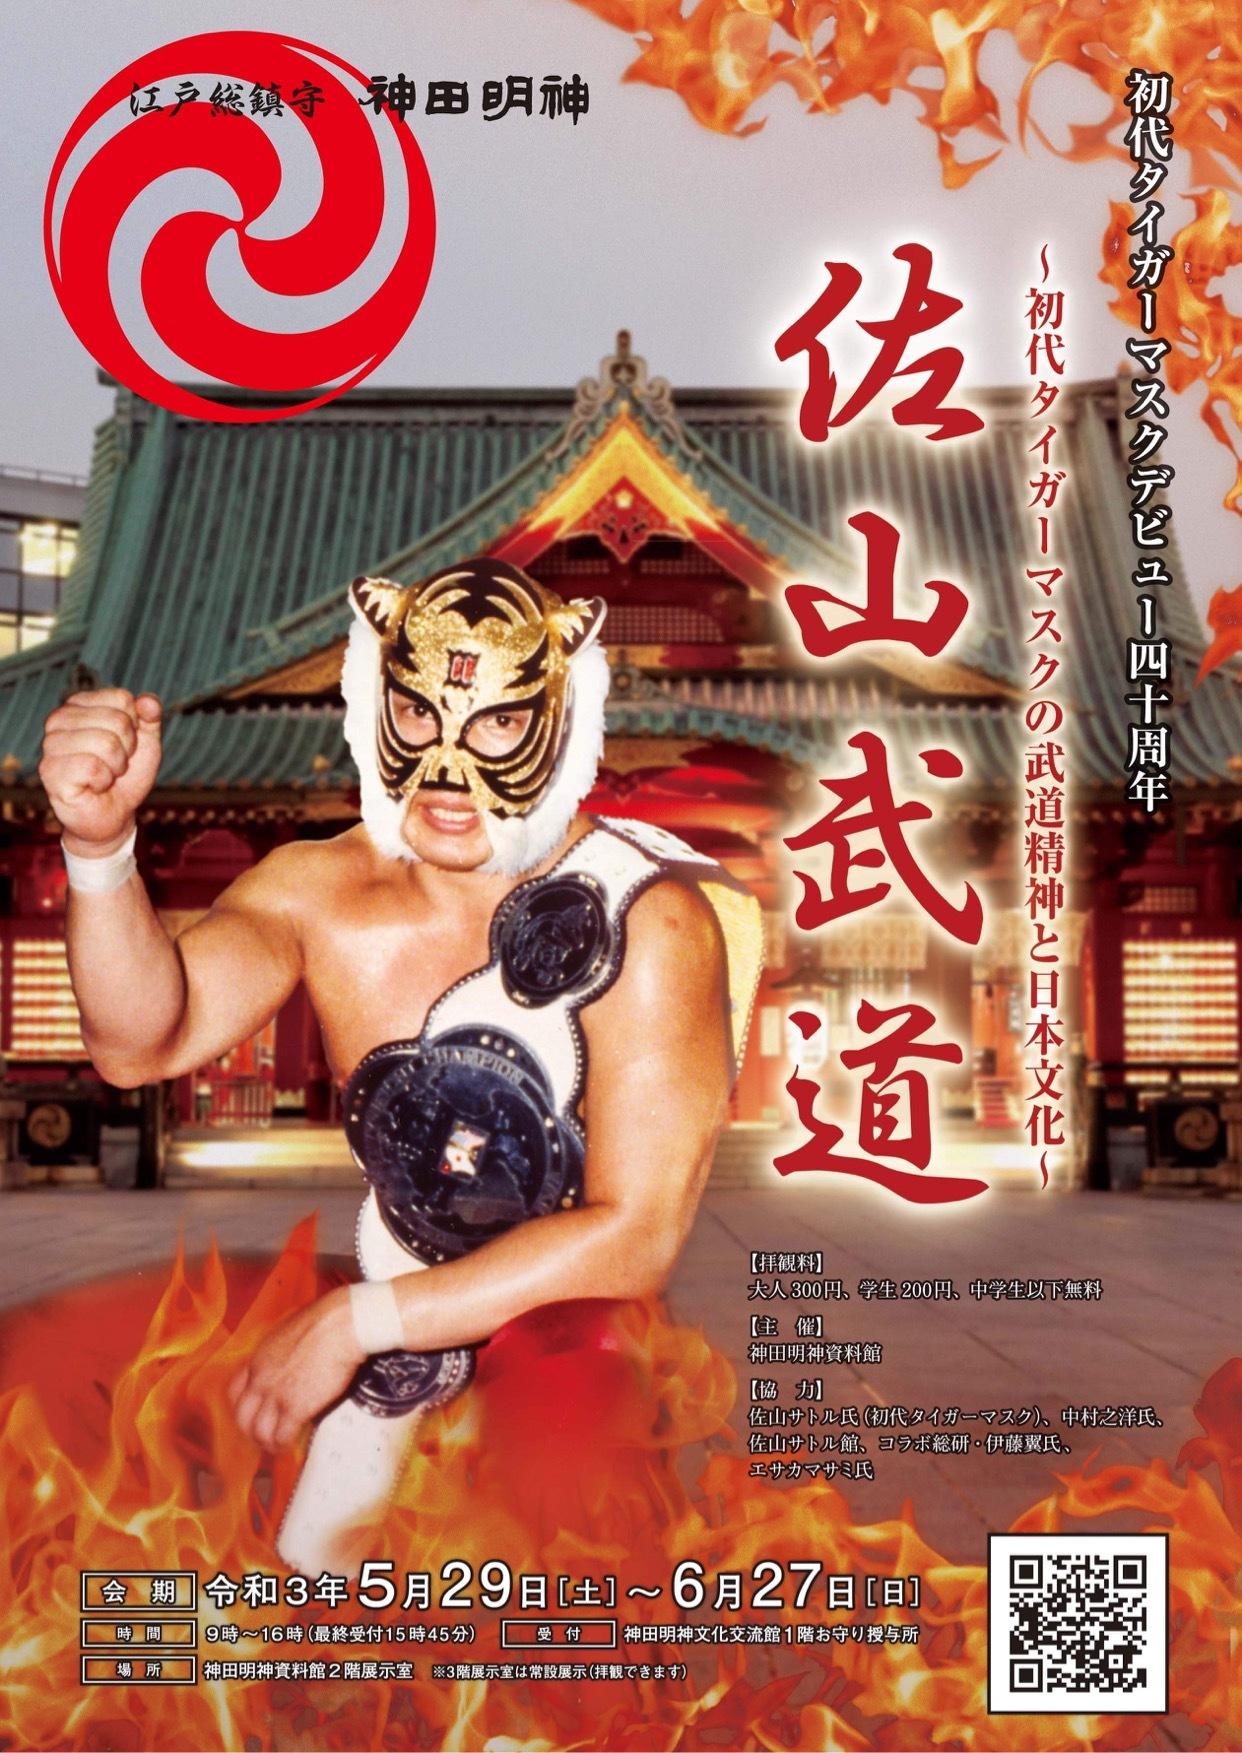 『佐山武道~初代タイガーマスクの武道精神と日本文化~展』